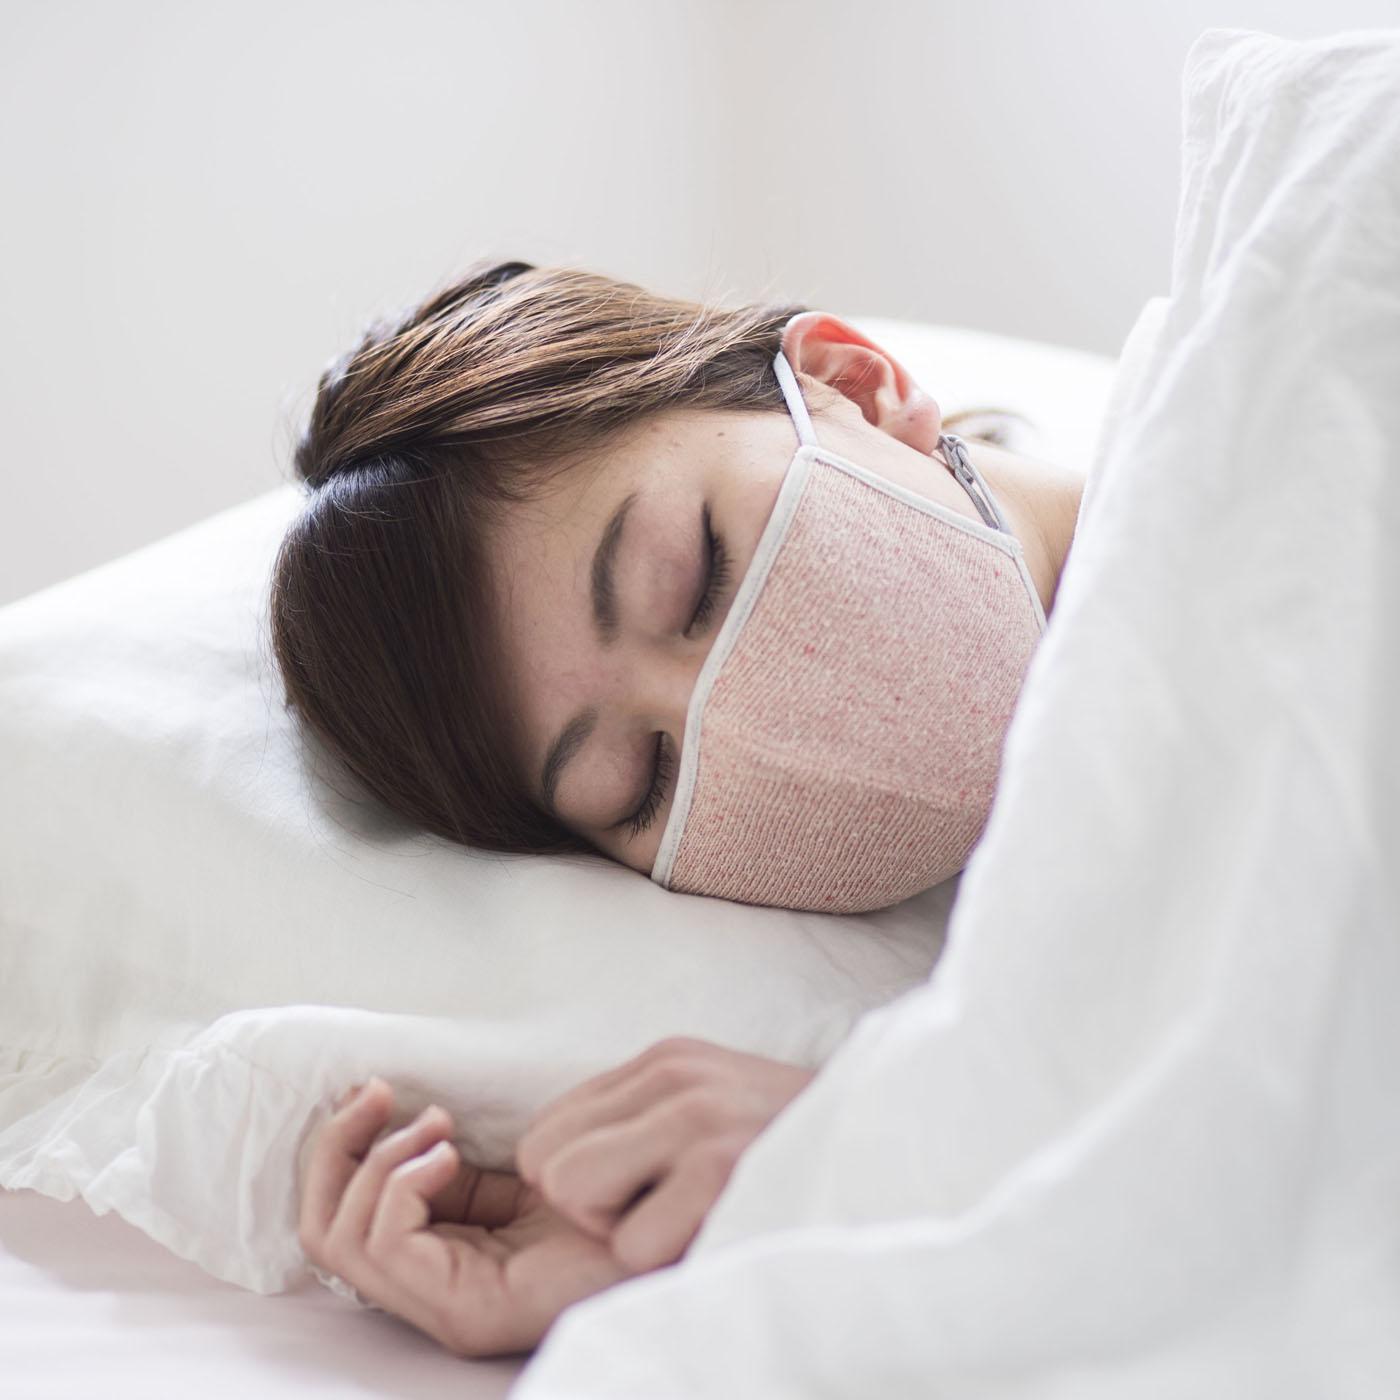 エアコンの乾燥が気になるときや、おやすみ時にもおすすめ。